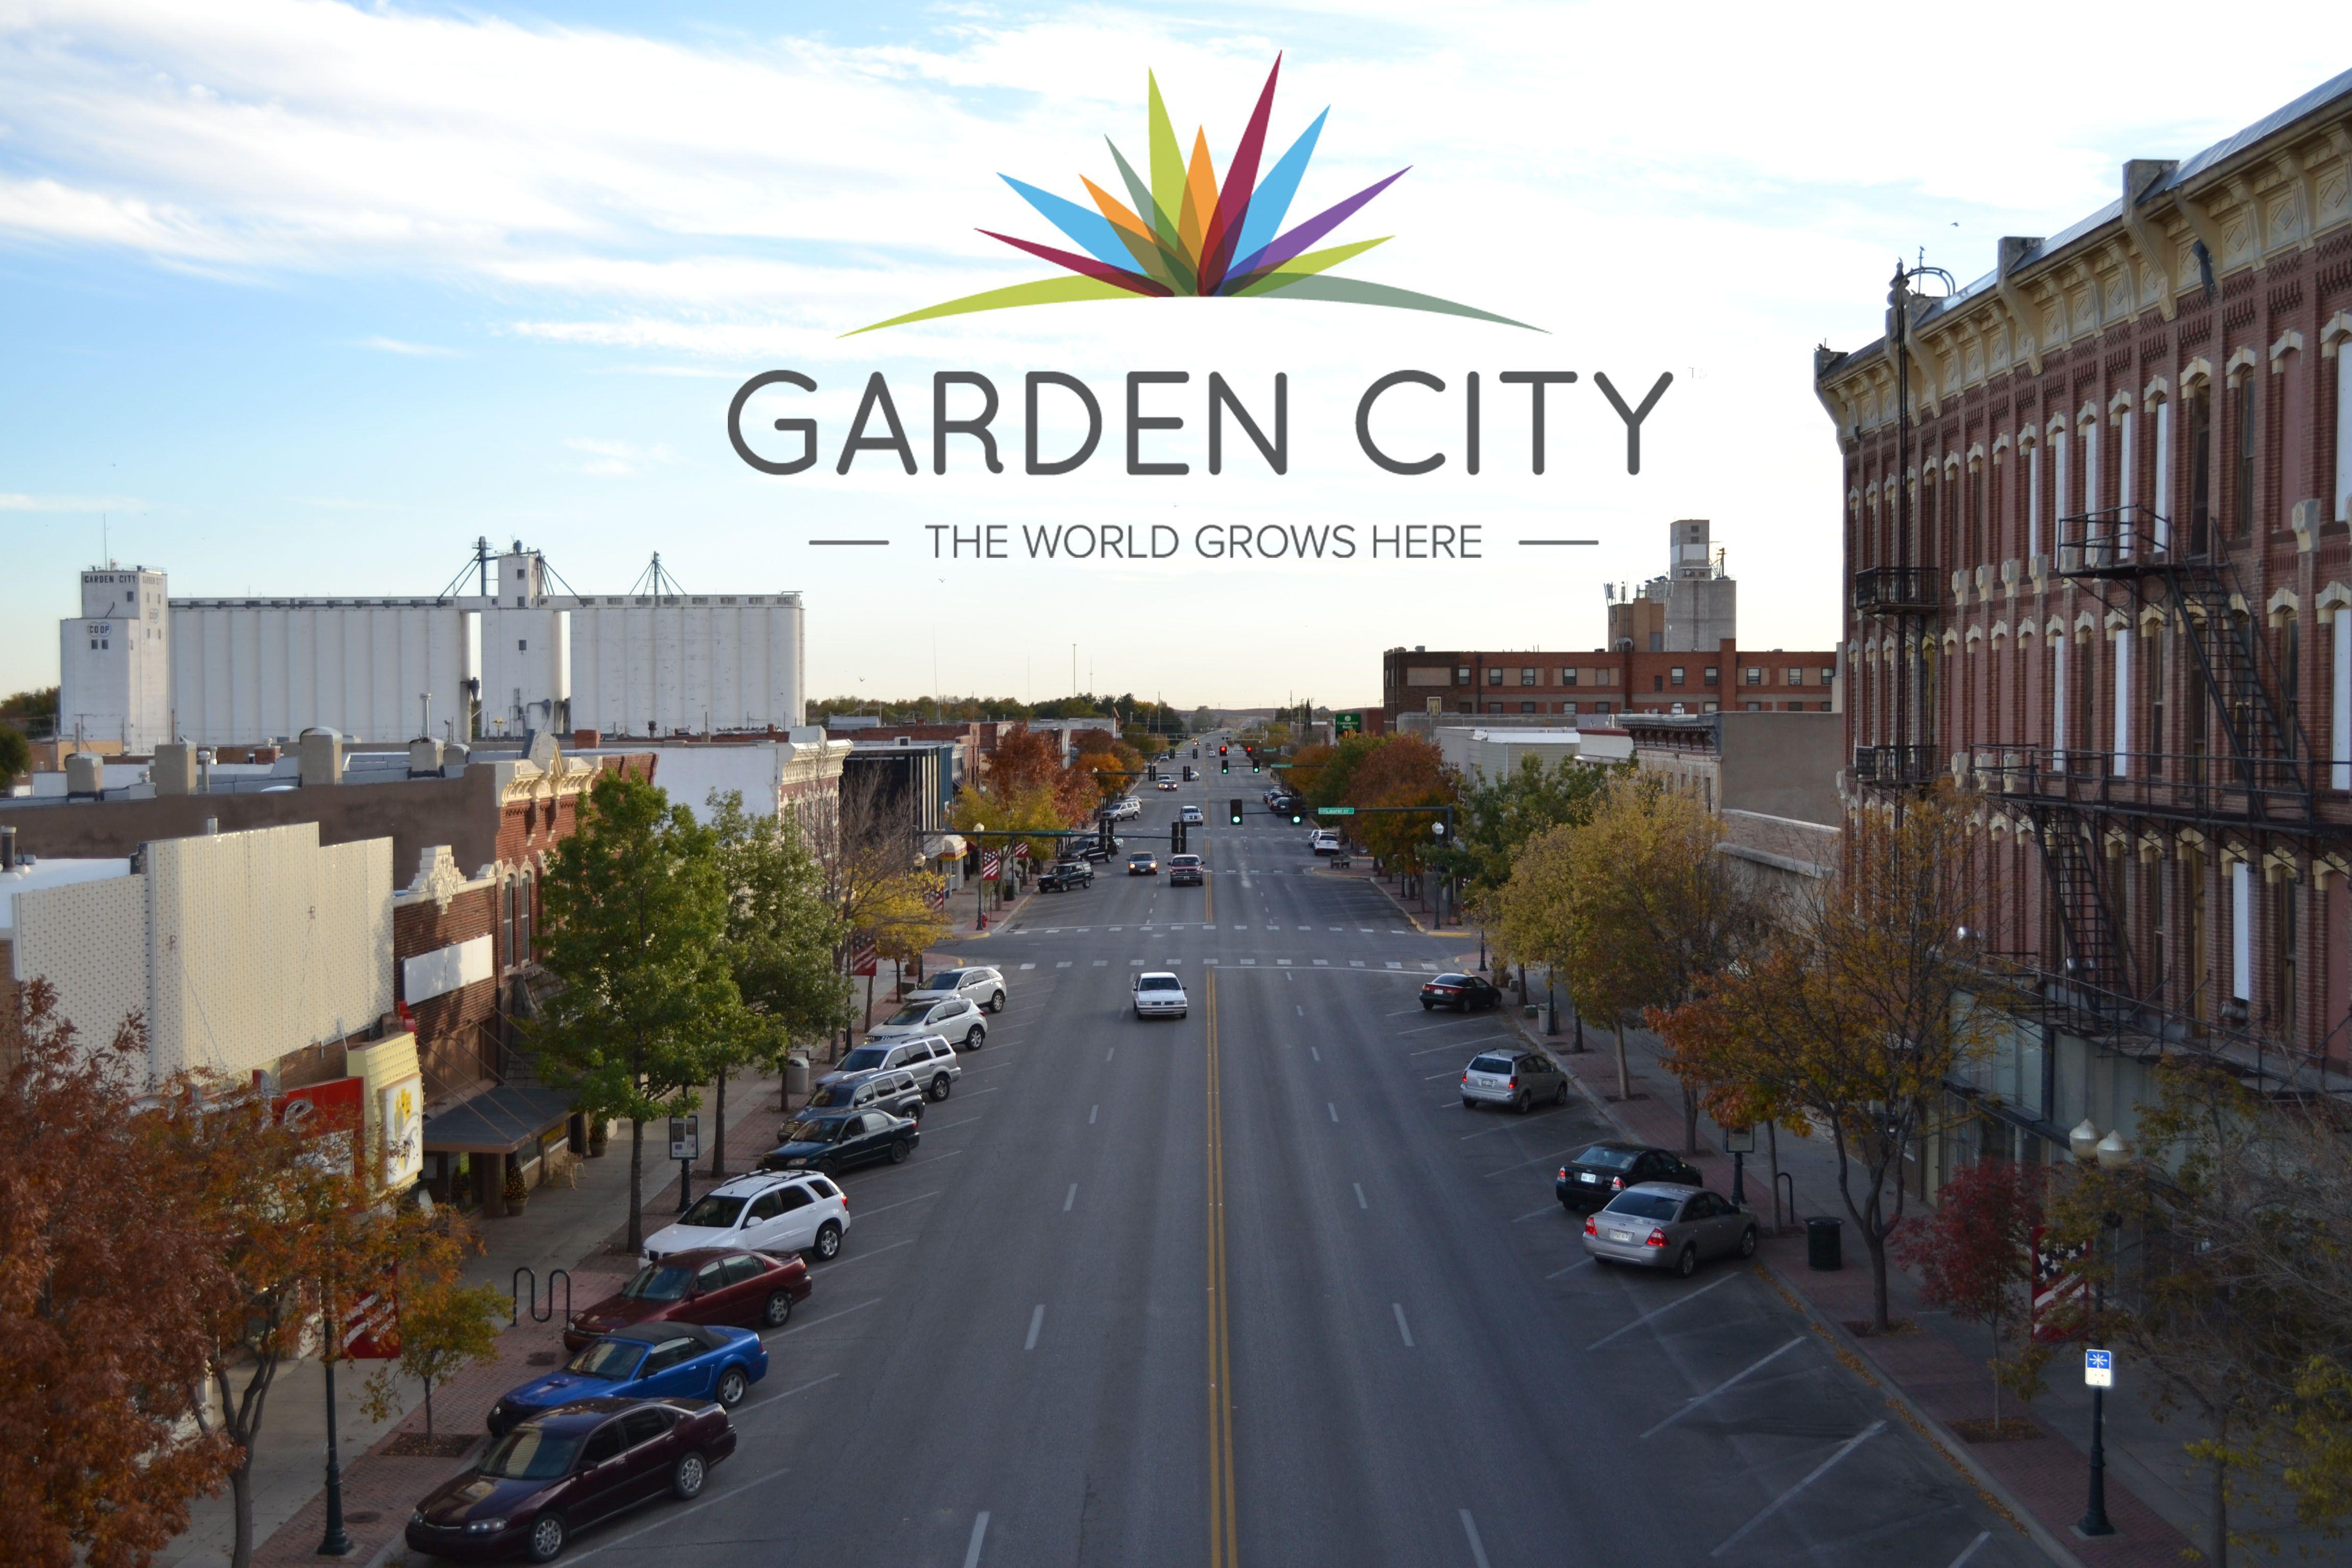 Garden city garden city ks pinterest city garden and kansas for Directions to garden city kansas